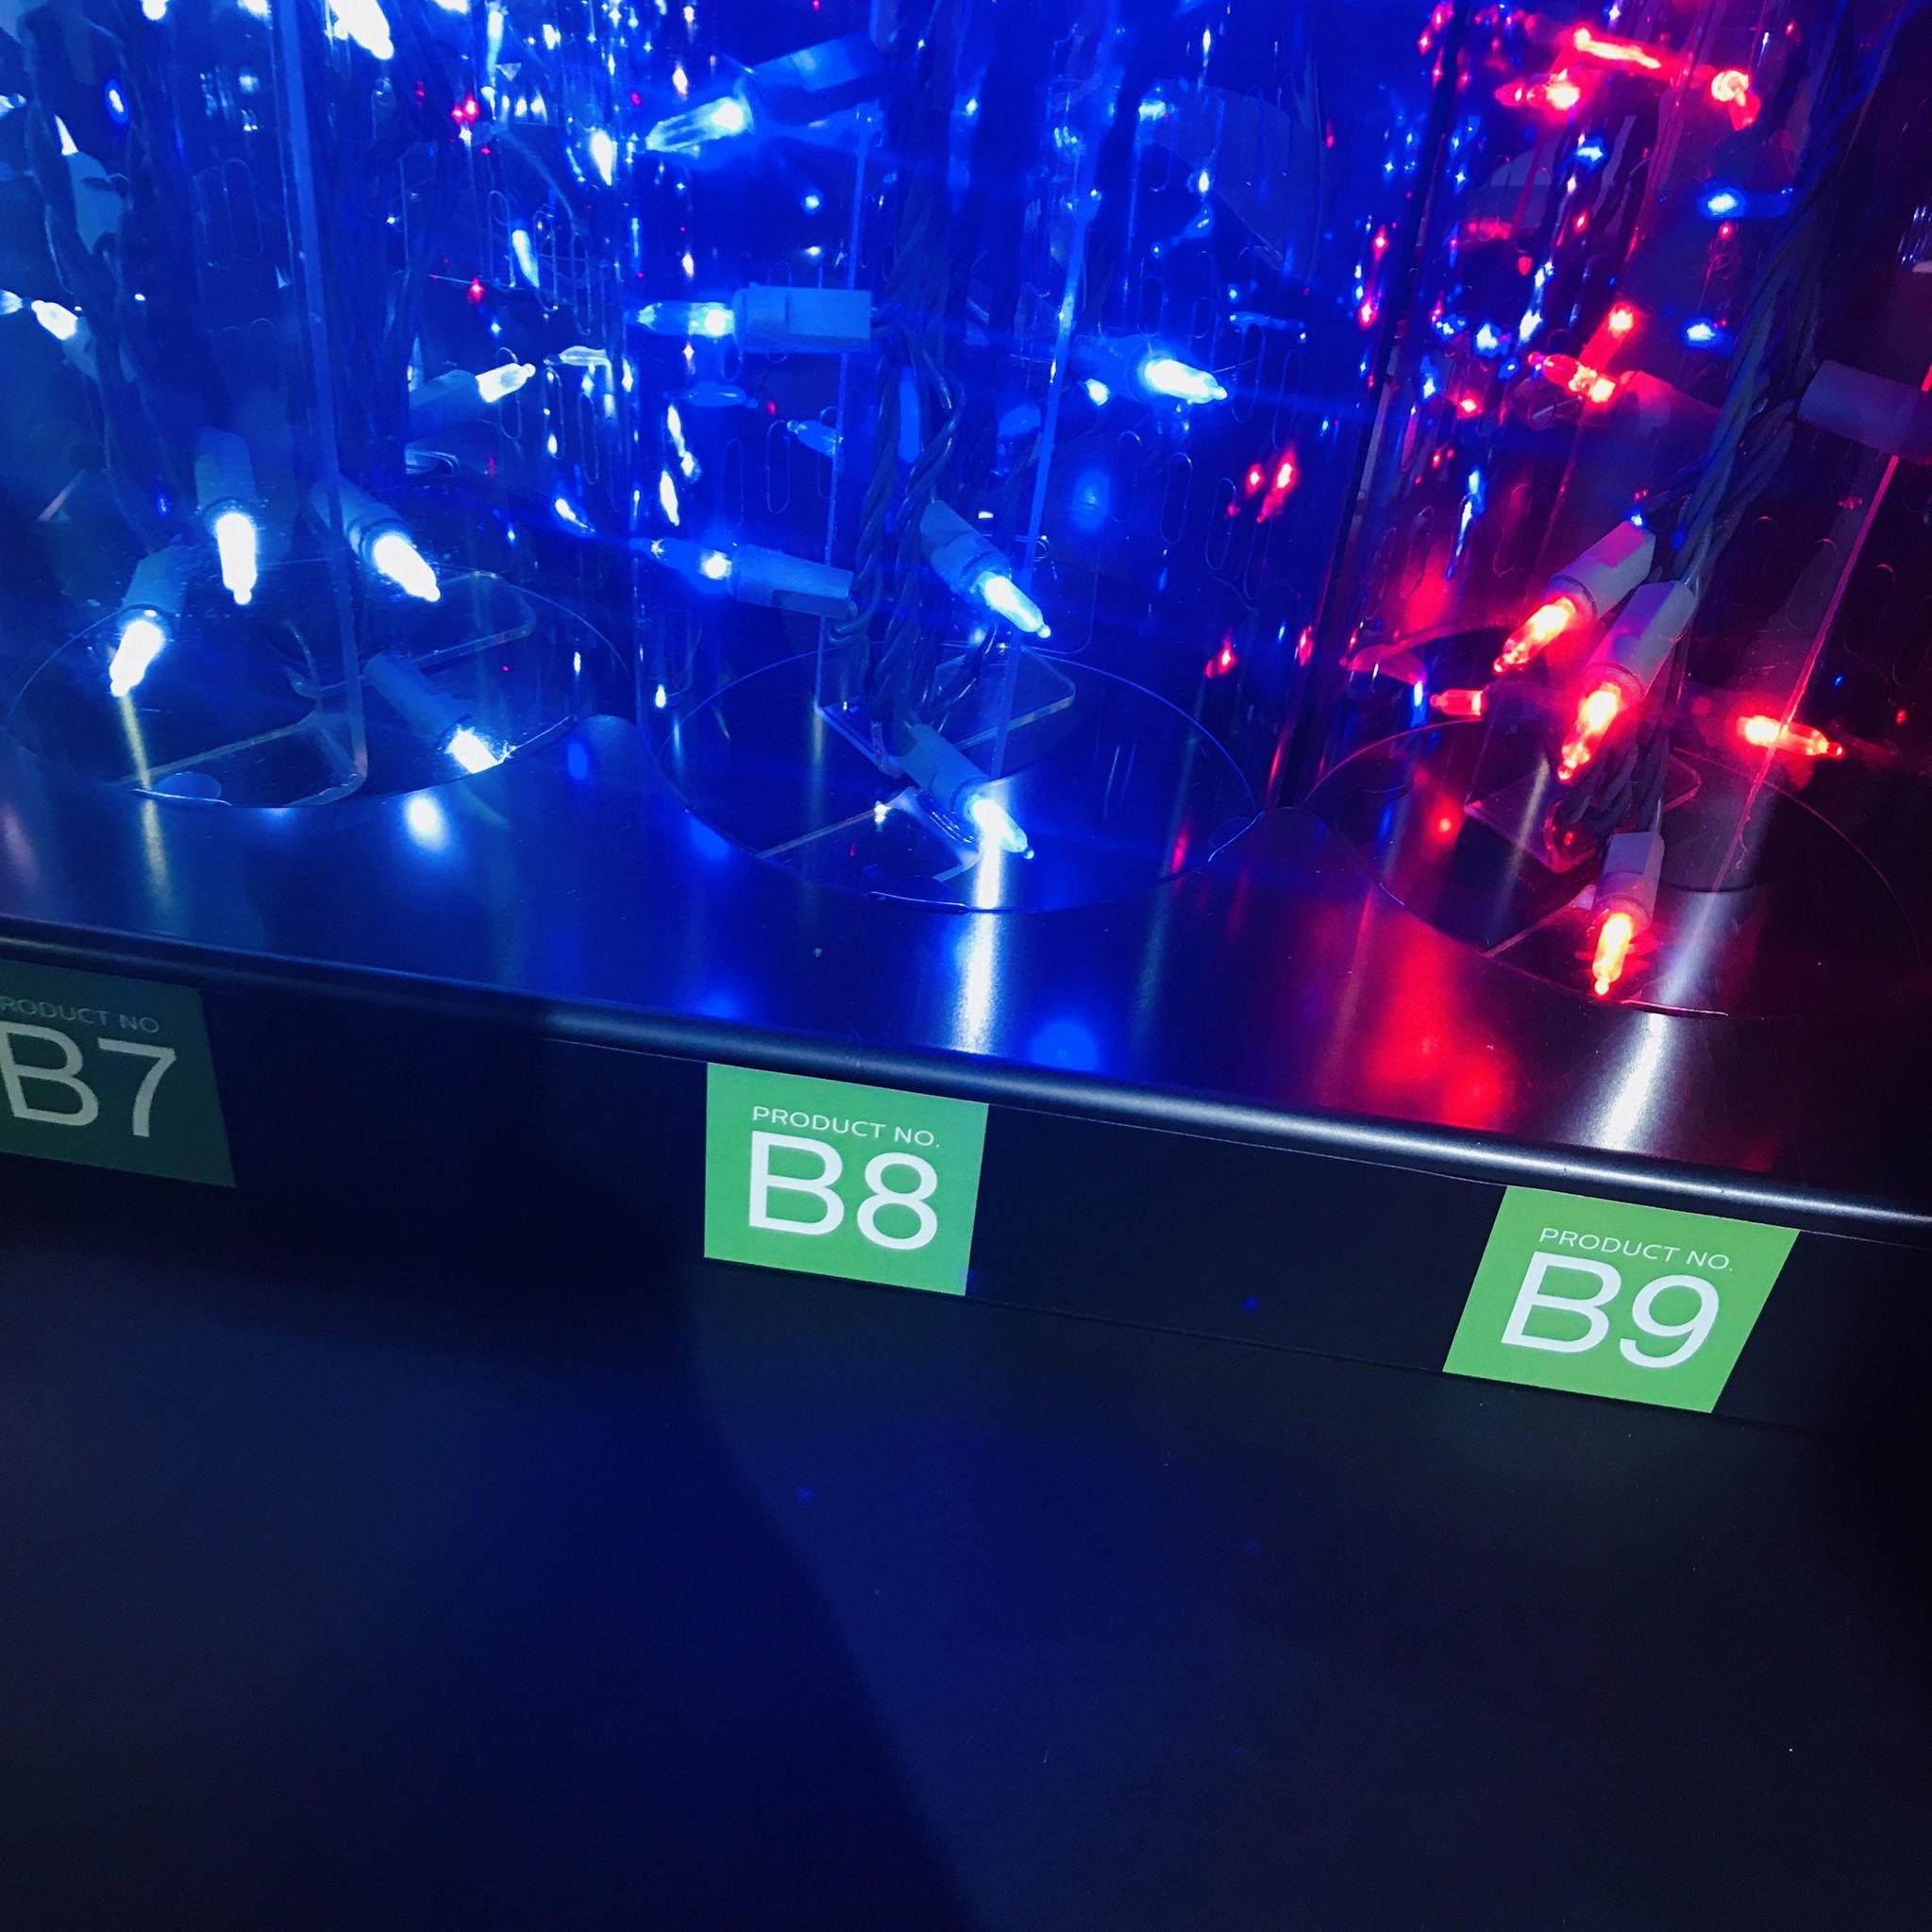 亞克力展示架 有機玻璃聖誕燈展示架 發泡板展示架 led展示架 7